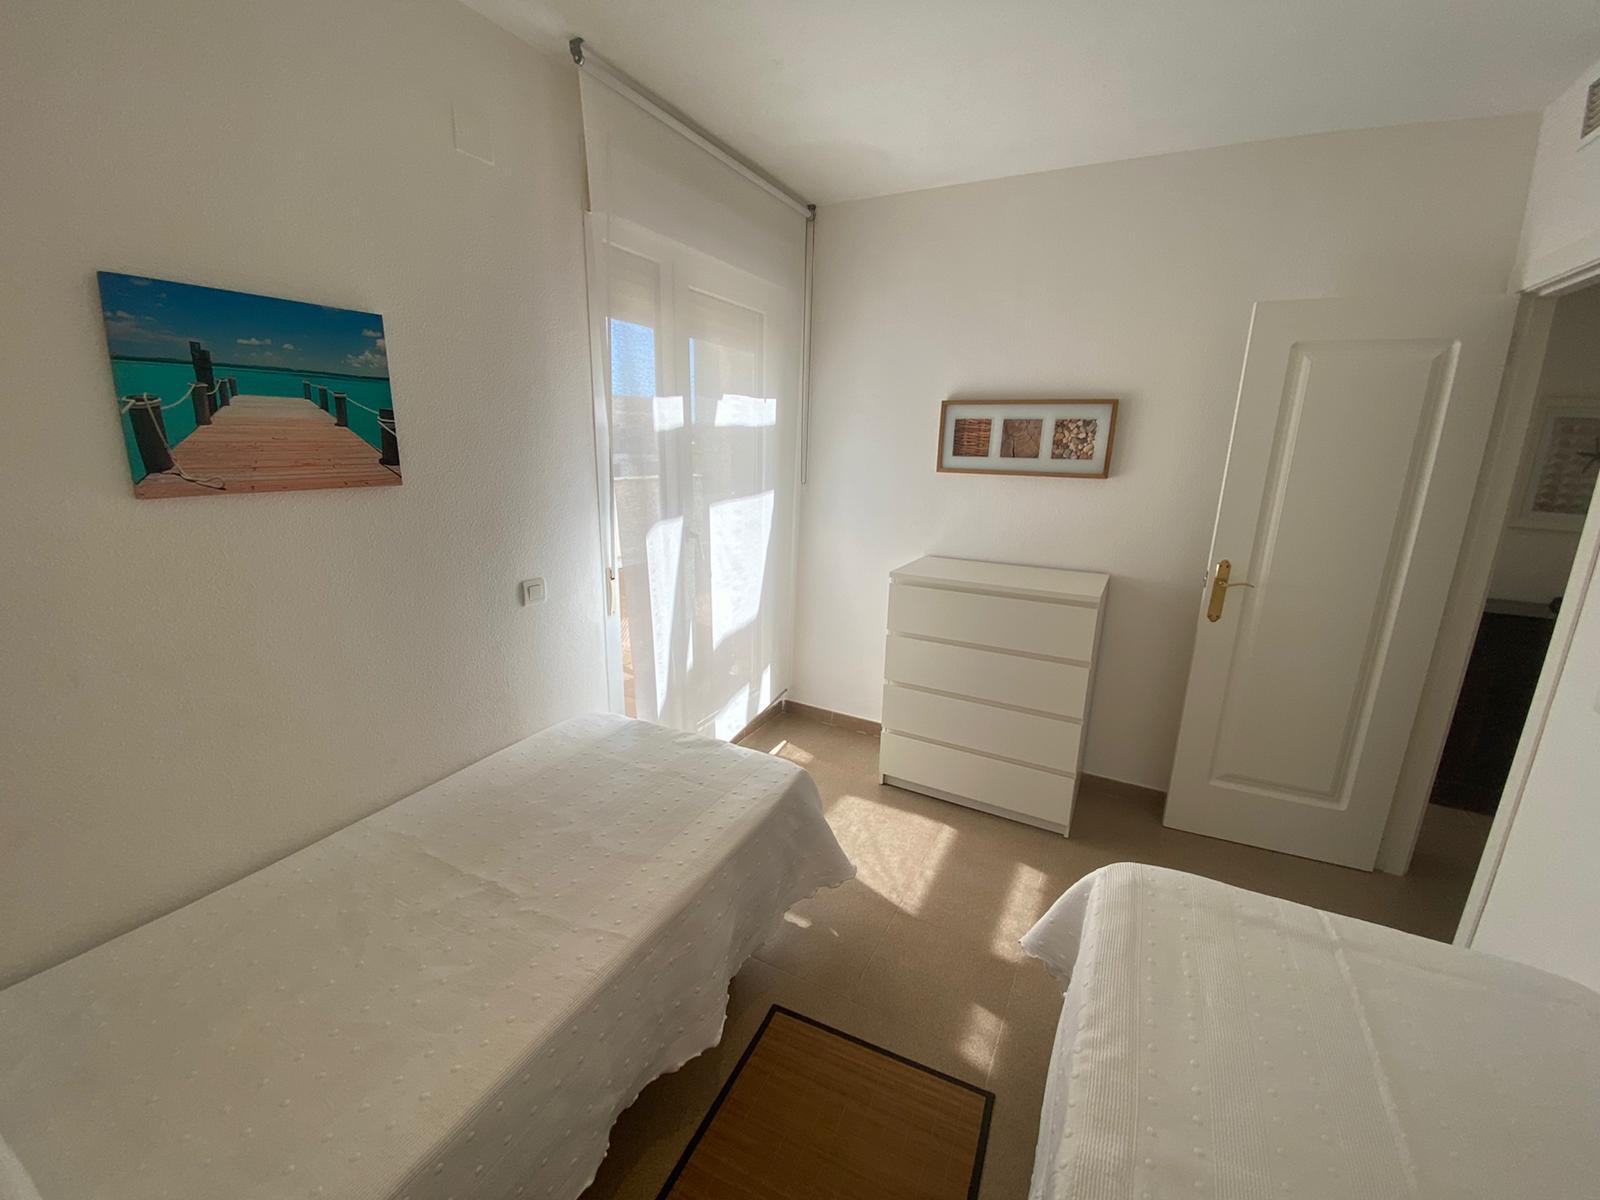 Imagen 34 del Apartamento Turístico, Ático 3 Levante, Frontal (4d+2b), Punta del Moral (HUELVA), Paseo de la Cruz nº22